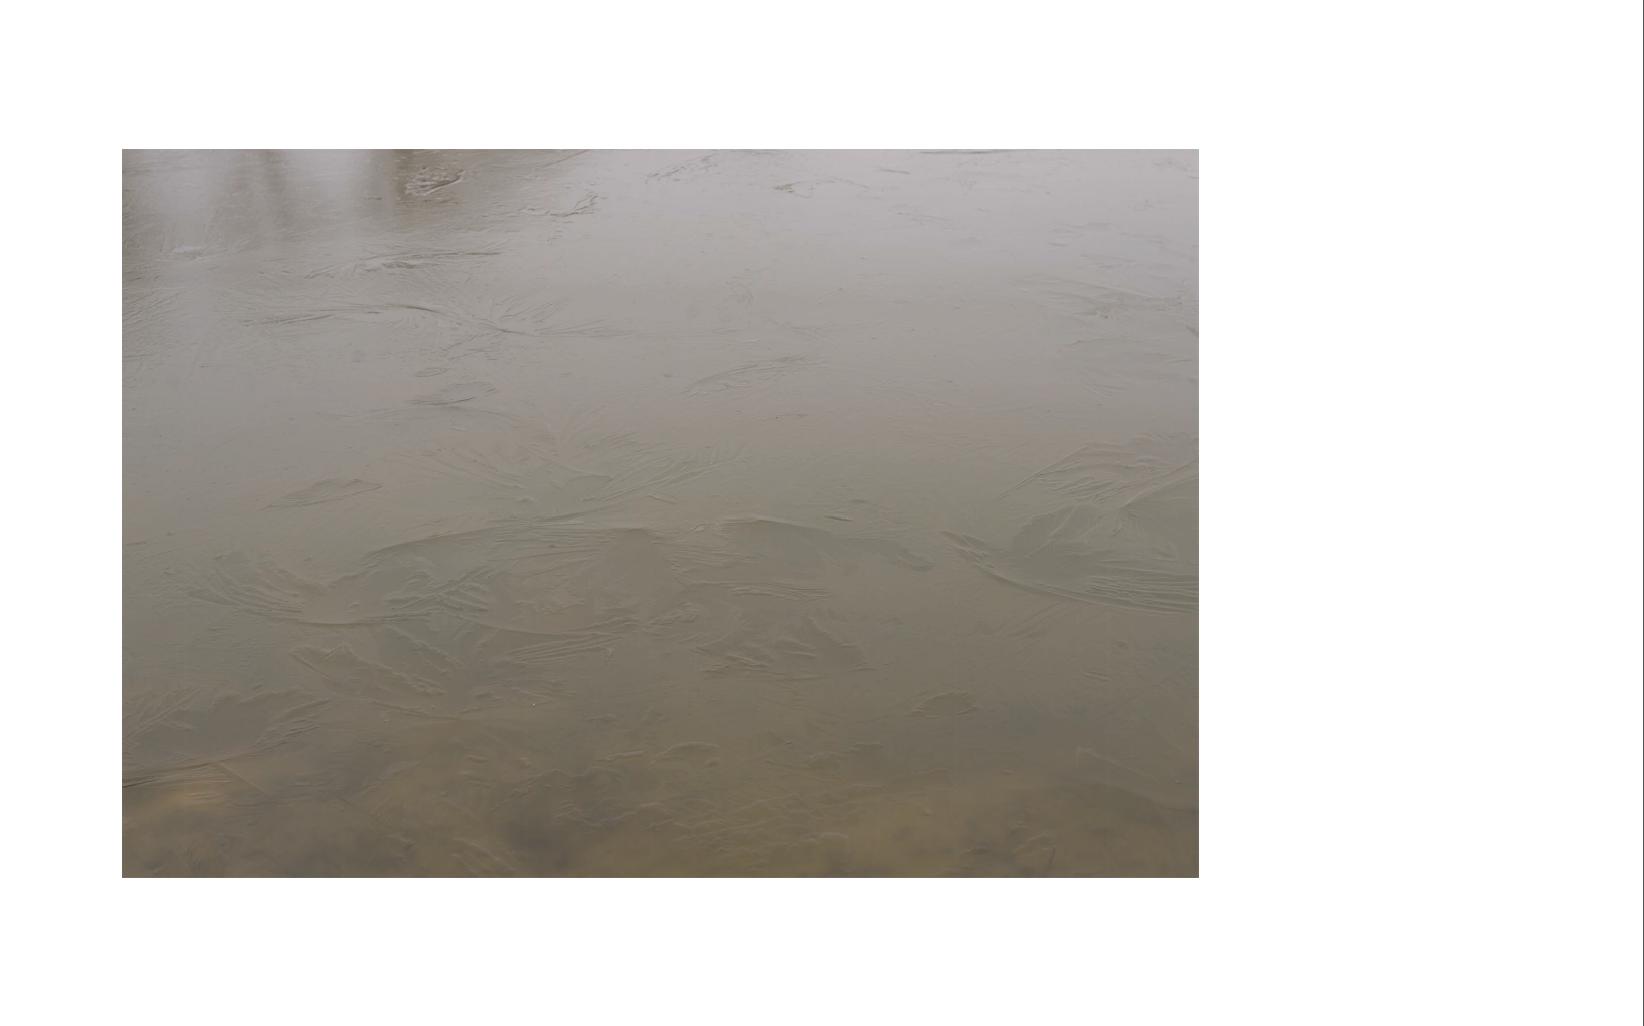 Screen Shot 2015-05-20 at 6.09.33 PM.png